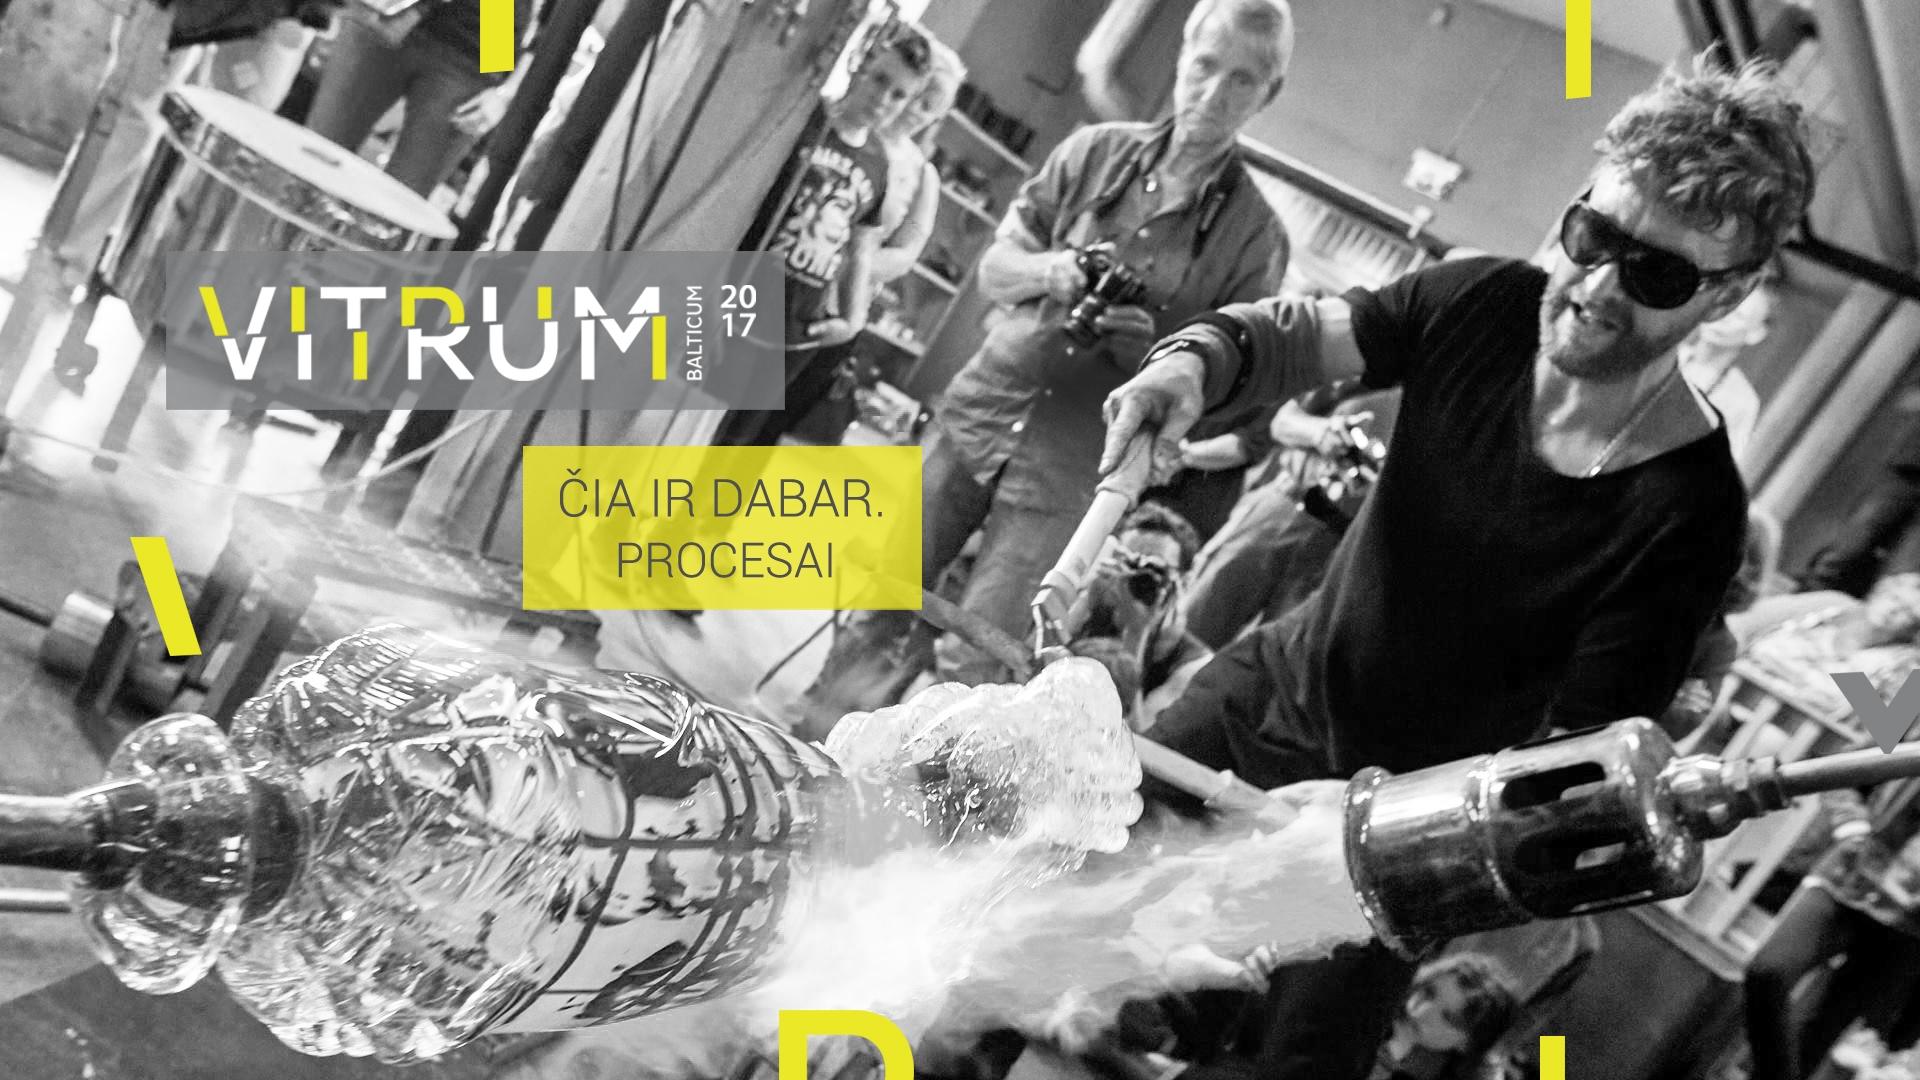 Vitrum Balticum 2017